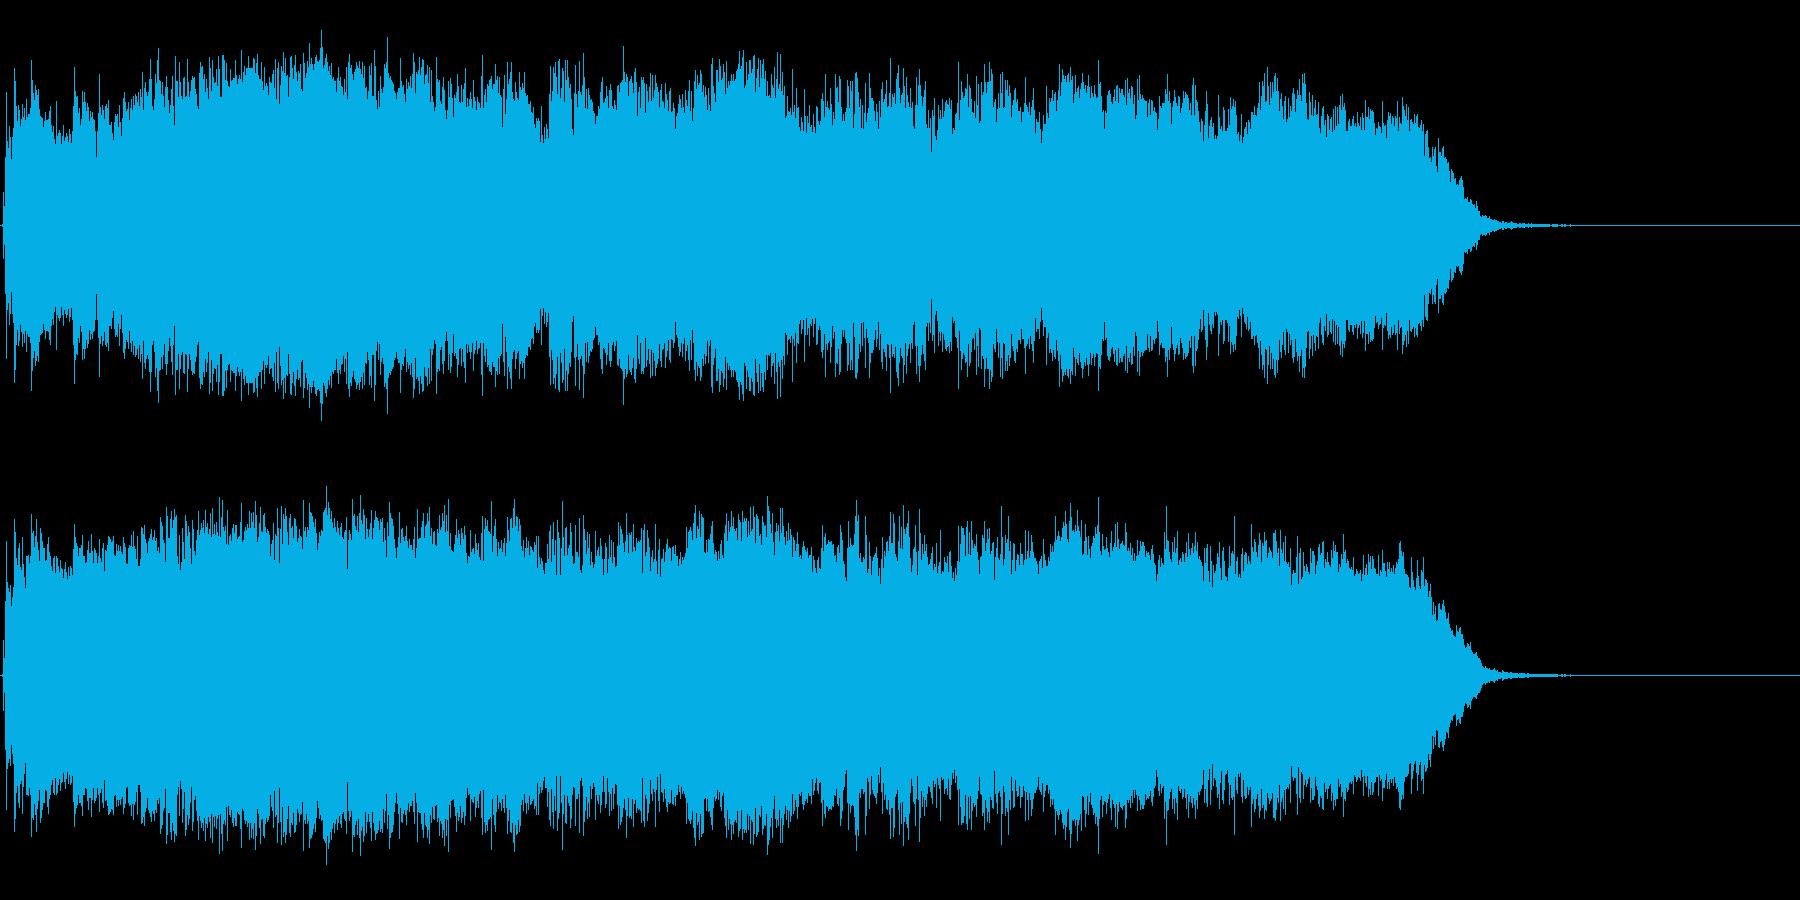 木管楽器の音色を使った不思議な雰囲気の曲の再生済みの波形